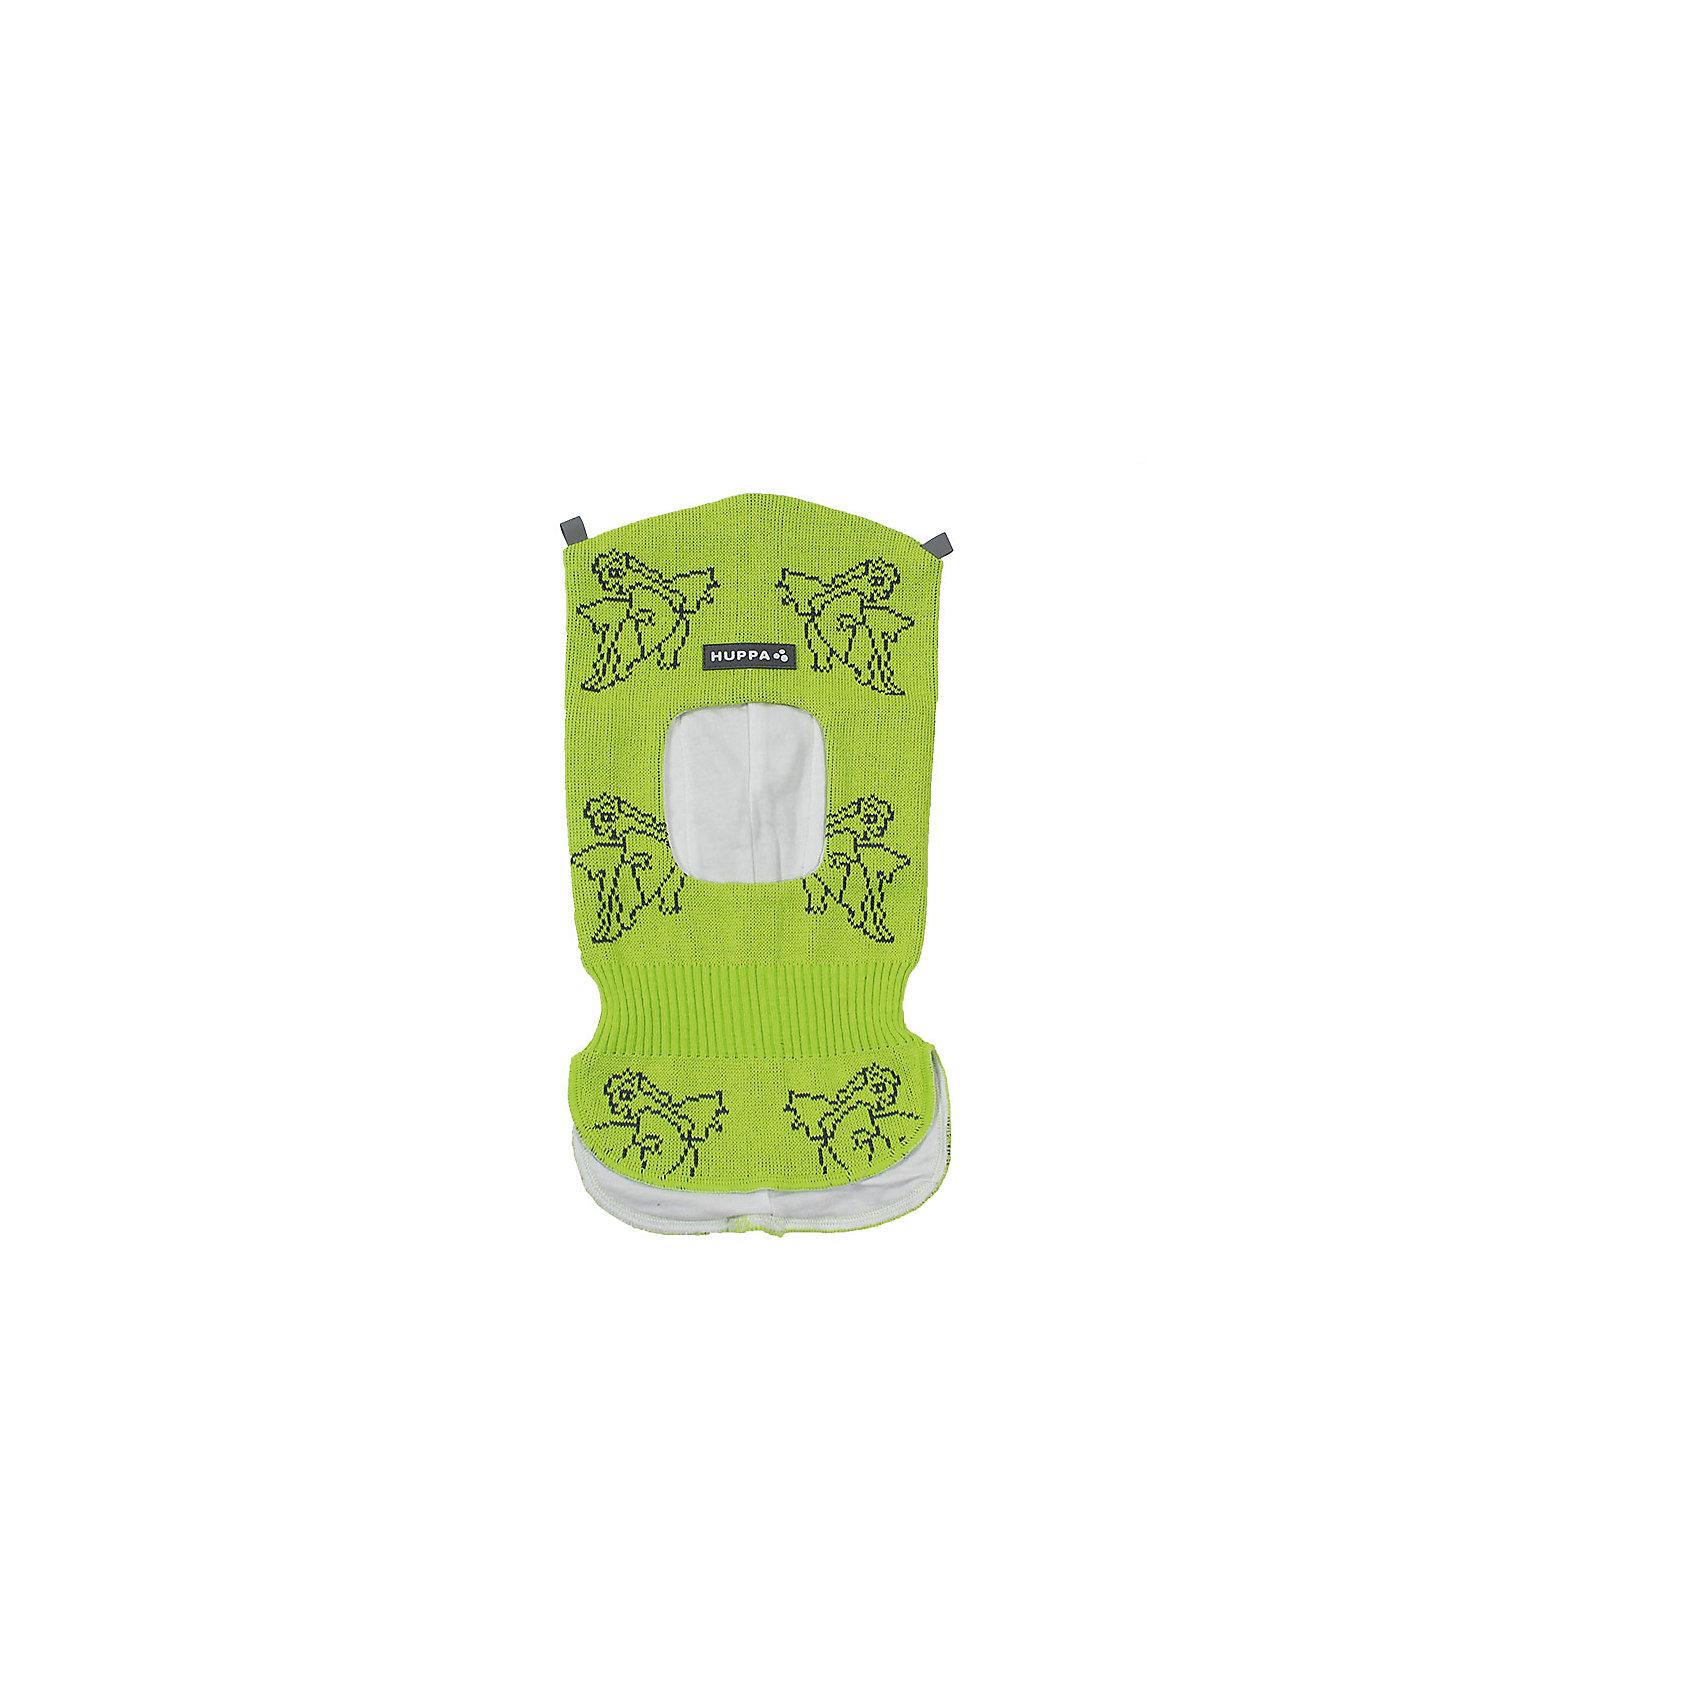 Шапка-шлем SELAH HuppaГоловные уборы<br>Характеристики товара:<br><br>• цвет: лайм принт<br>• состав: 50% хлопок, 50% акрил<br>• подкладка: трикотаж - 100% хлопок<br>• температурный режим: от -5°С до +10°С<br>• демисезонная<br>• мягкая резинка на шее<br>• логотип<br>• комфортная посадка<br>• мягкий материал<br>• страна бренда: Эстония<br><br>Эта шапка обеспечит детям тепло и комфорт. Она сделана из приятного на ощупь мягкого материала. Шапка очень симпатично смотрится, а дизайн и расцветка позволяют сочетать её с различной одеждой. Модель была разработана специально для детей.<br><br>Одежда и обувь от популярного эстонского бренда Huppa - отличный вариант одеть ребенка можно и комфортно. Вещи, выпускаемые компанией, качественные, продуманные и очень удобные. Для производства изделий используются только безопасные для детей материалы. Продукция от Huppa порадует и детей, и их родителей!<br><br>Шапку-шлем SELAH от бренда Huppa (Хуппа) можно купить в нашем интернет-магазине.<br><br>Ширина мм: 89<br>Глубина мм: 117<br>Высота мм: 44<br>Вес г: 155<br>Цвет: зеленый<br>Возраст от месяцев: 6<br>Возраст до месяцев: 12<br>Пол: Мужской<br>Возраст: Детский<br>Размер: 43-45,51-53,47-49<br>SKU: 5347625